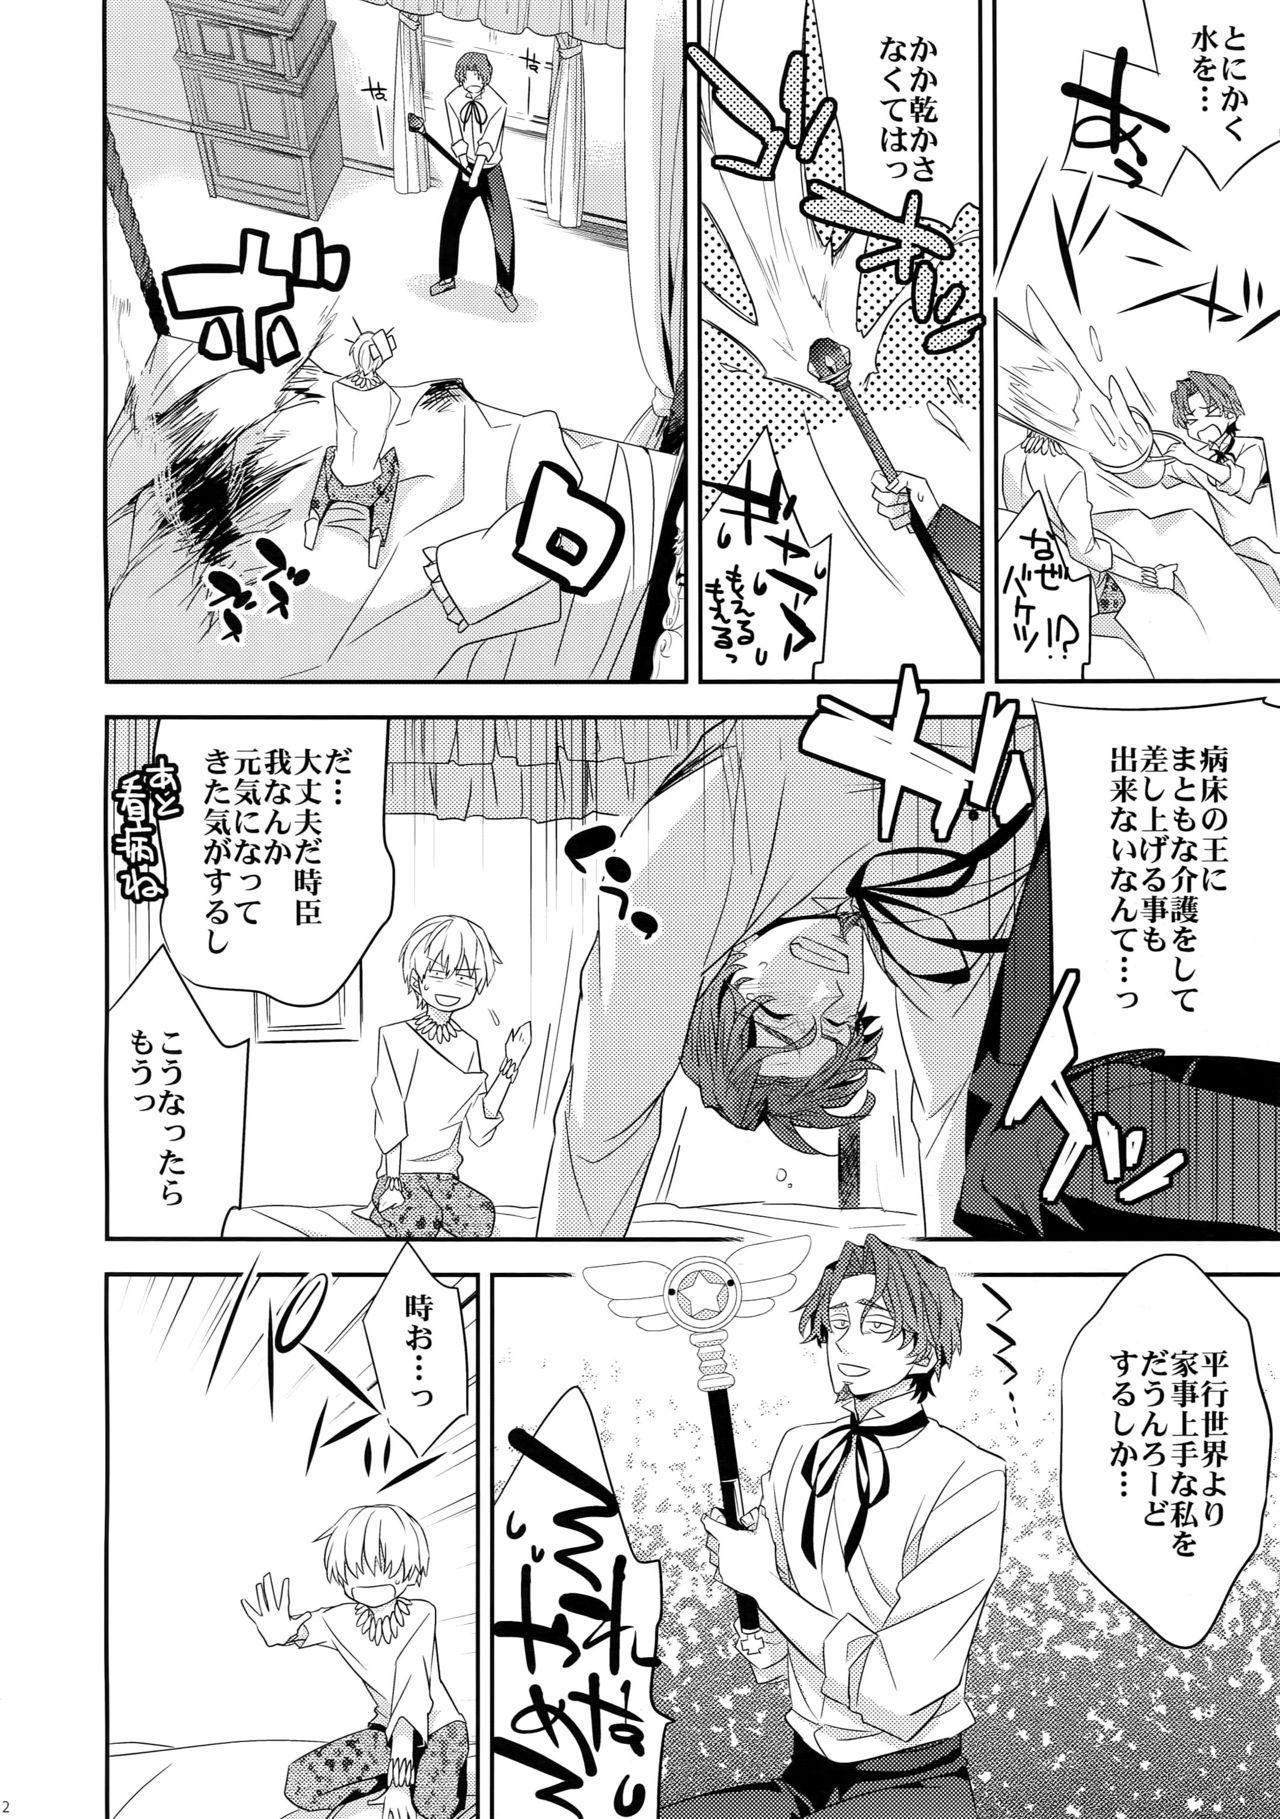 Mahou Chuunen ni Narimashite ~Ou no kanbyou Ganbari Masu! 9